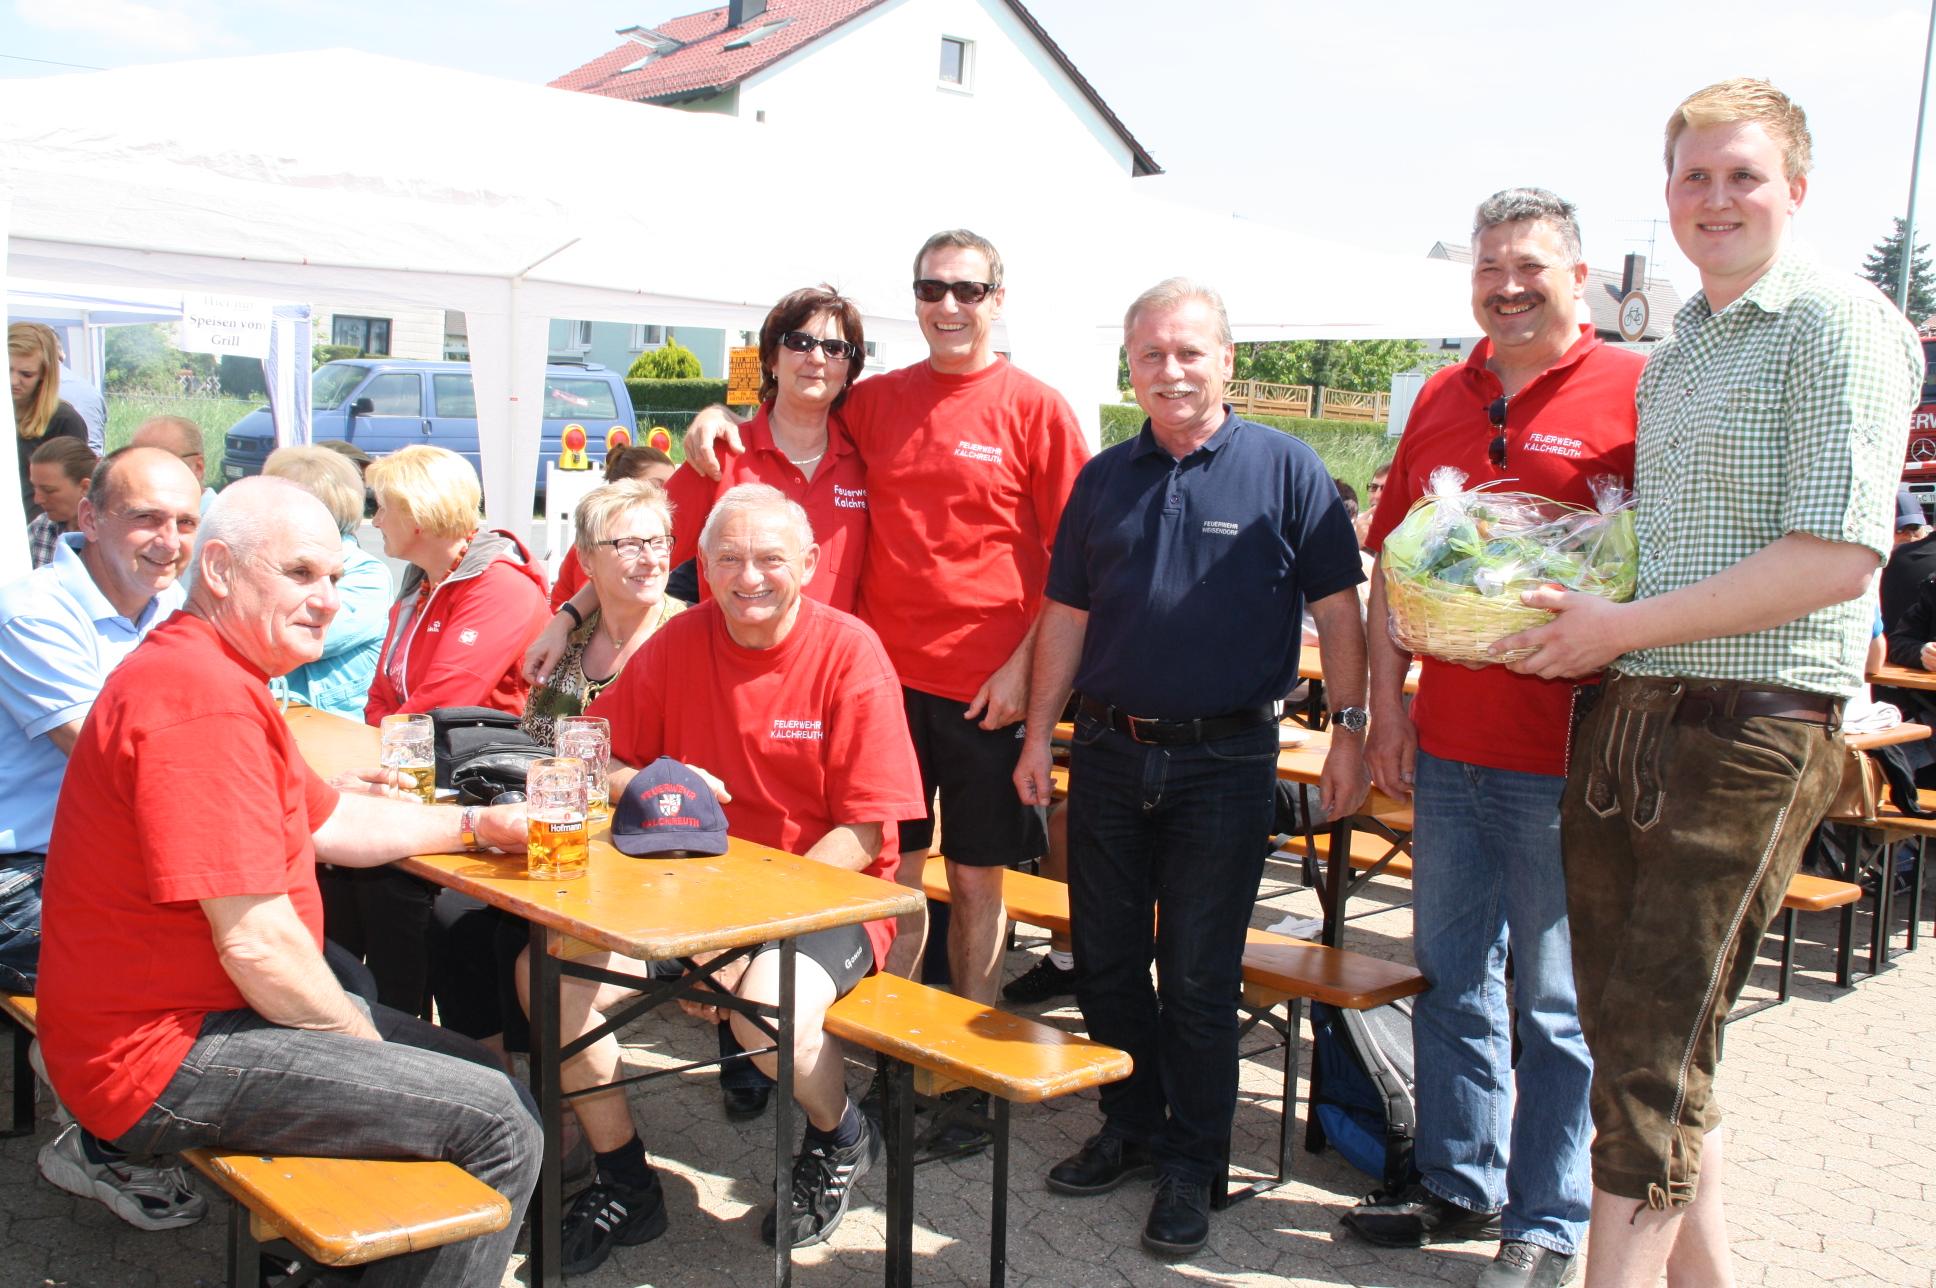 Am Himmelfahrtstag waren die Kalchreuther Kameraden zu Besuch bei der Weisendorfer Feuerwehr.